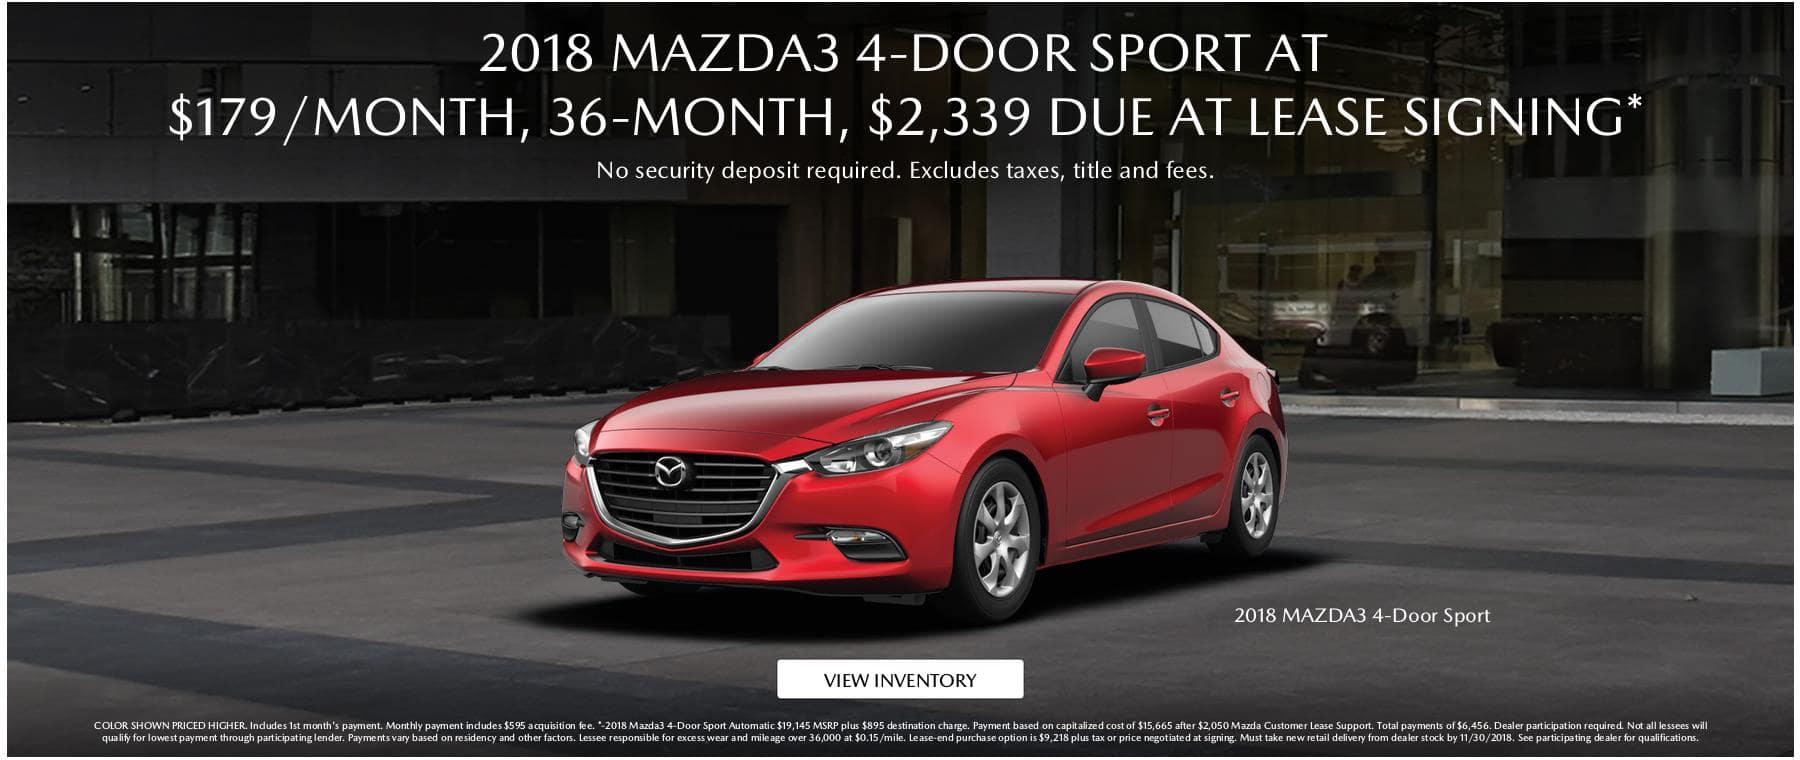 Mazda3_179:36:2339